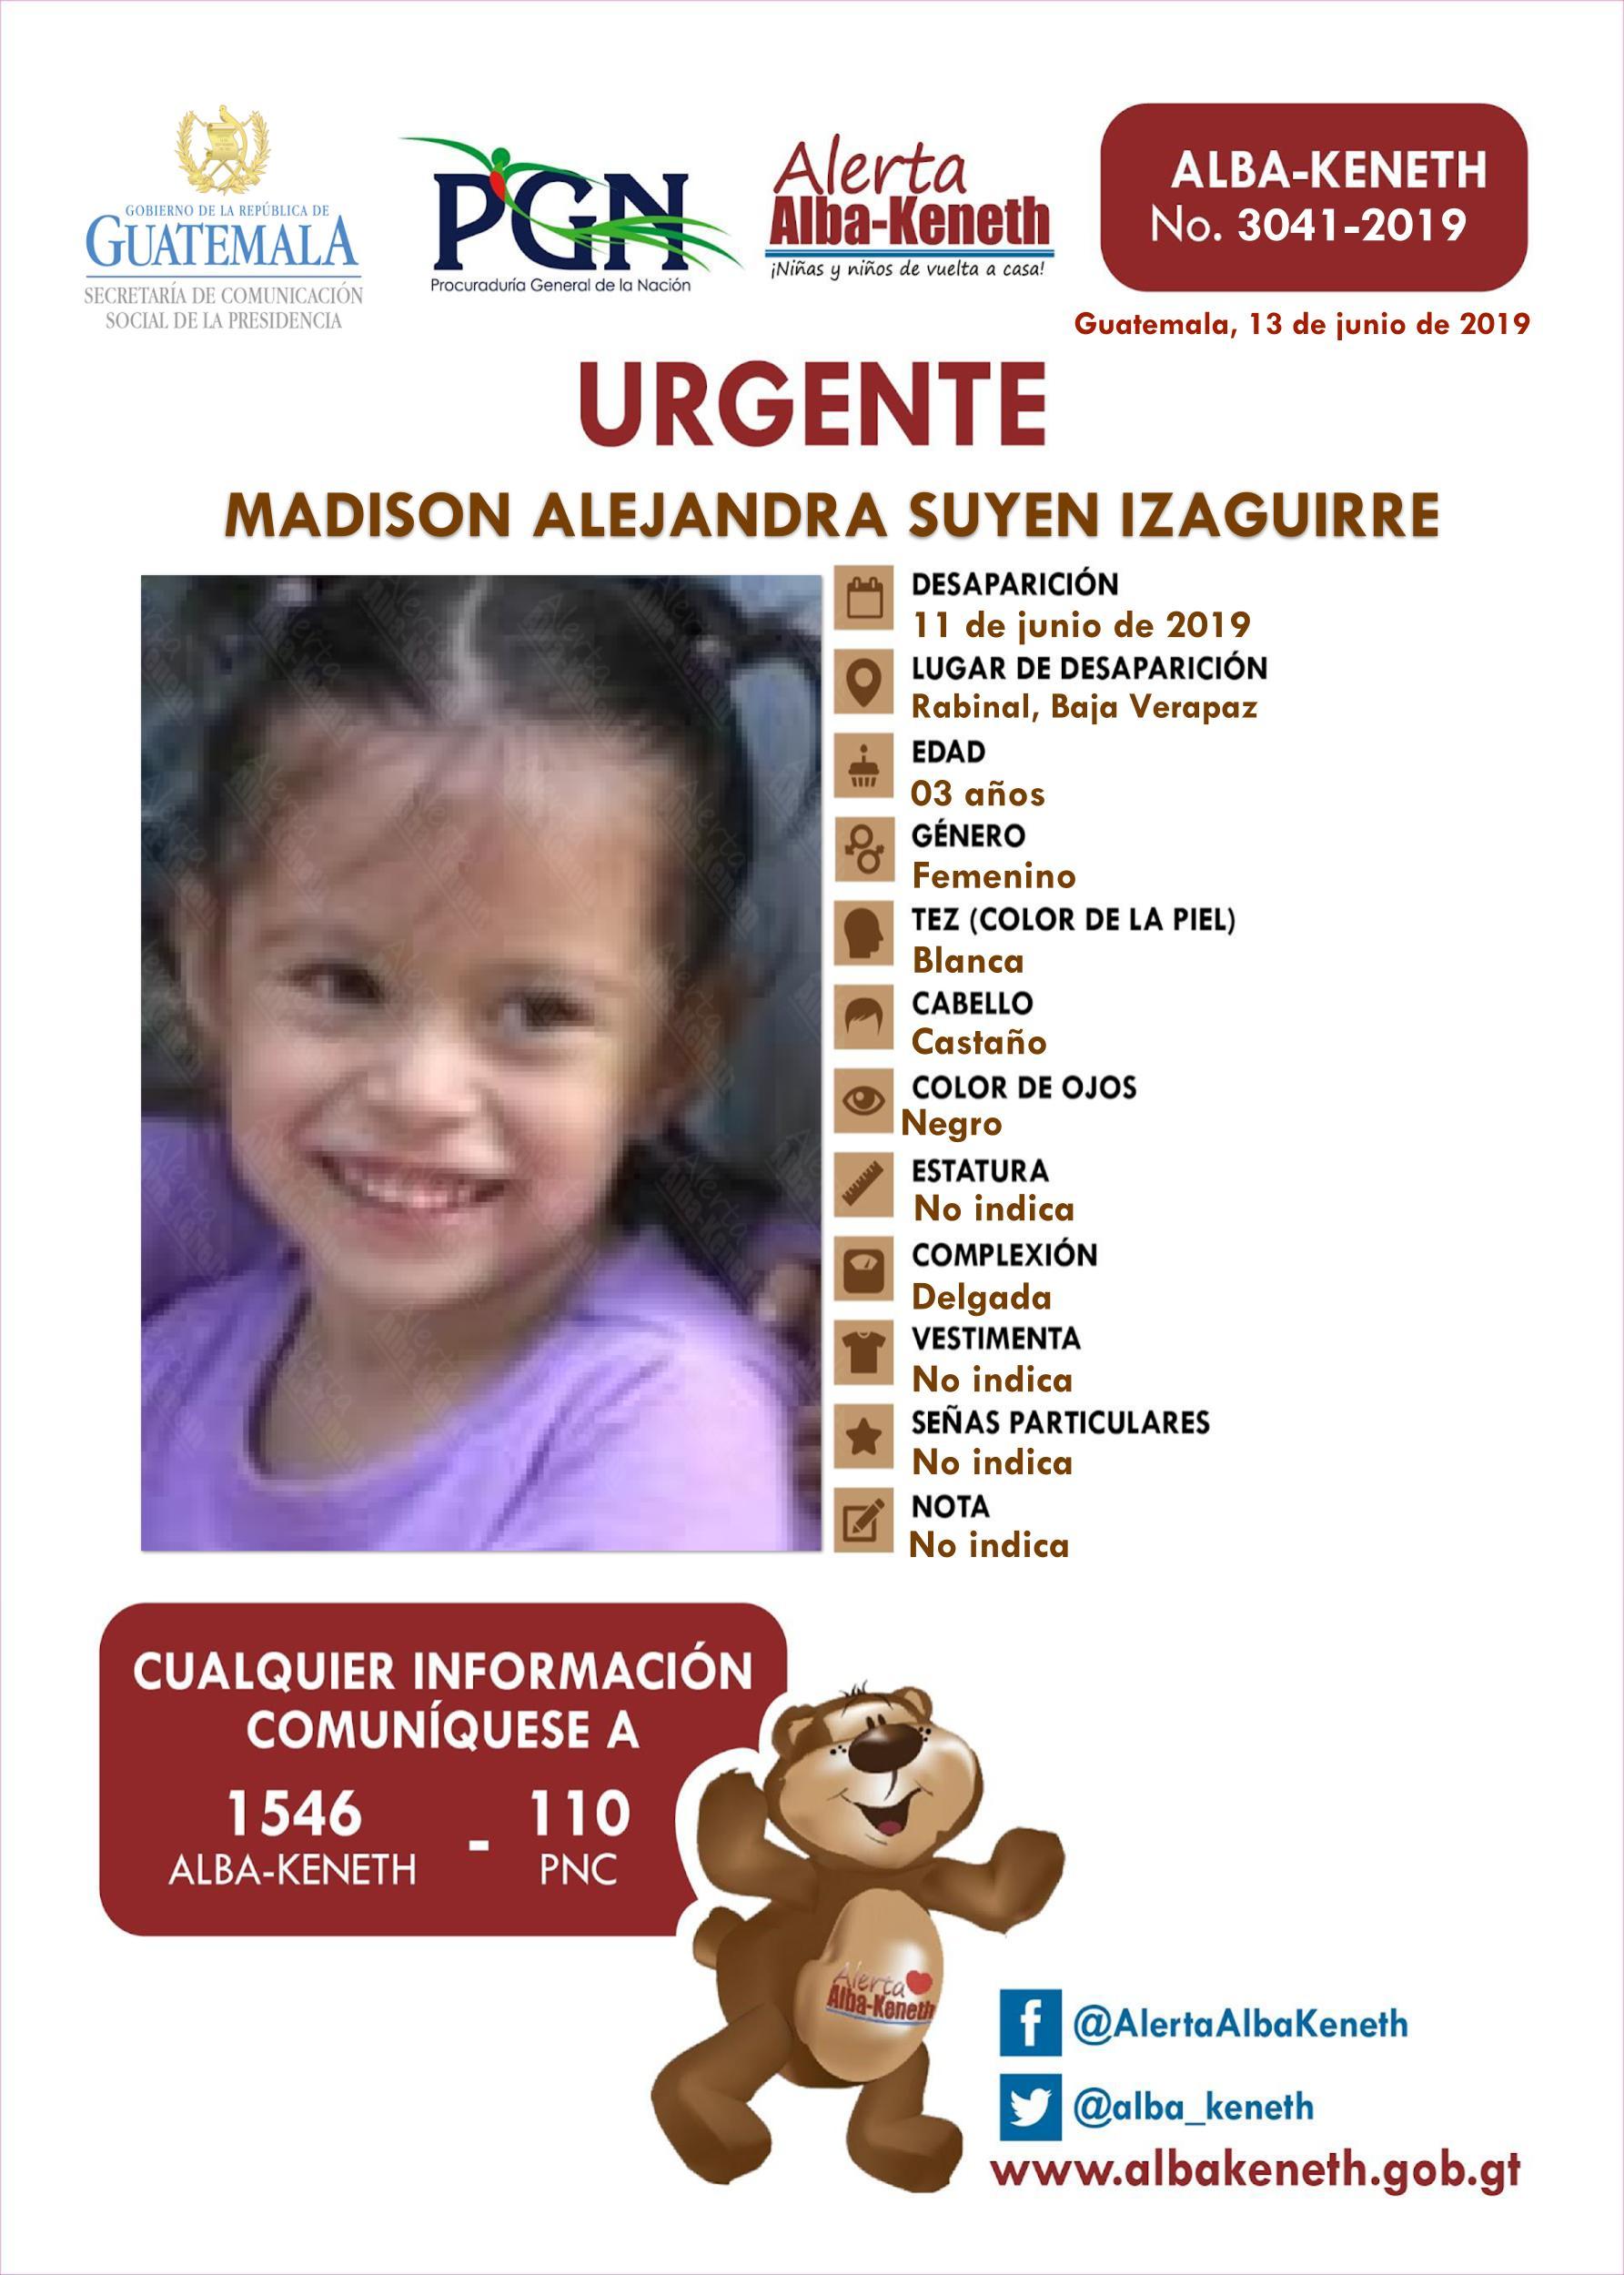 Madison Alejandra Suyen Izaguirre